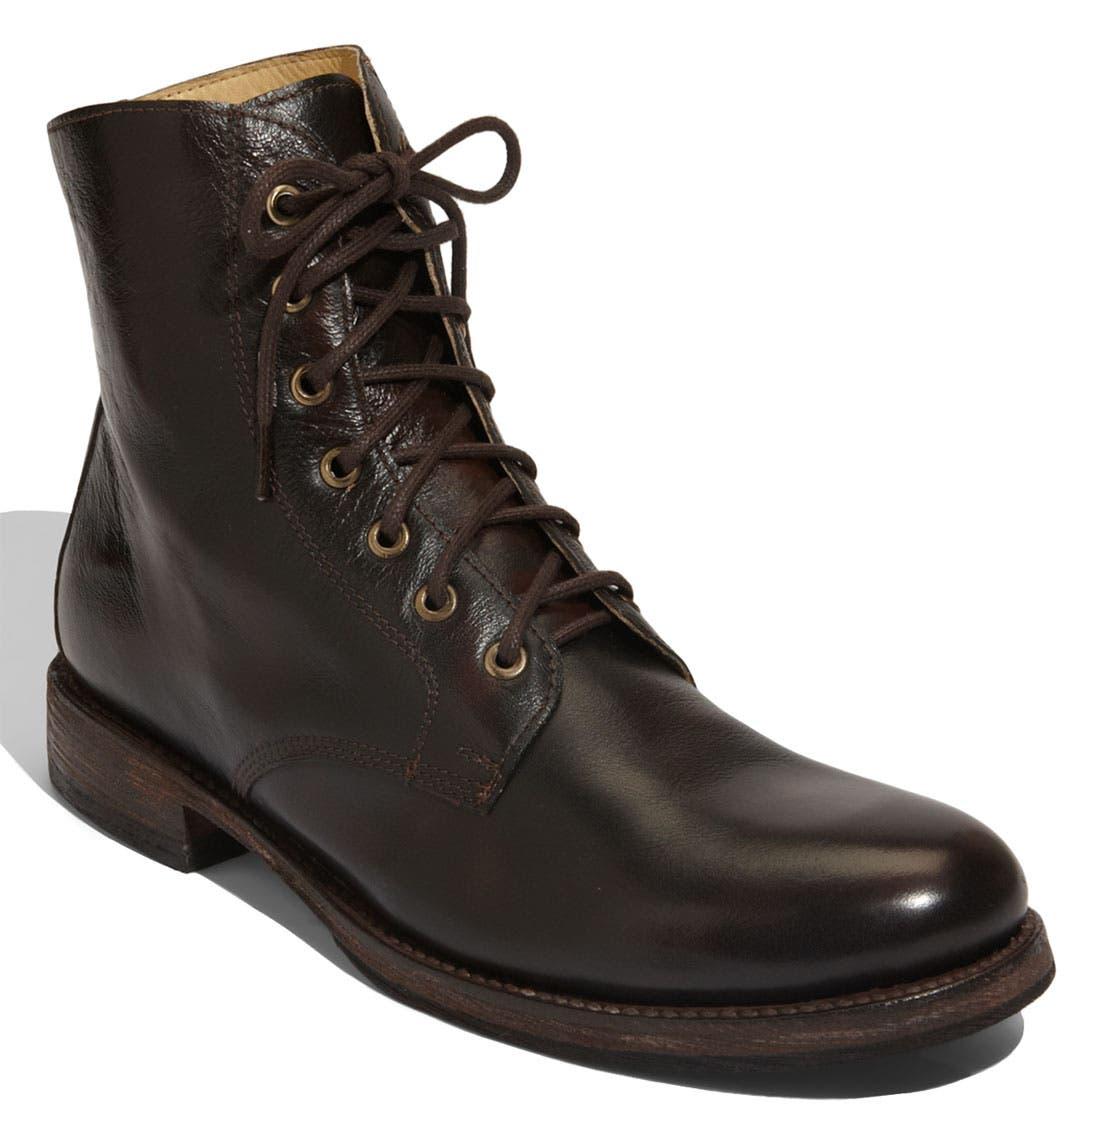 Alternate Image 1 Selected - Bed Stu Post Boot (Men)